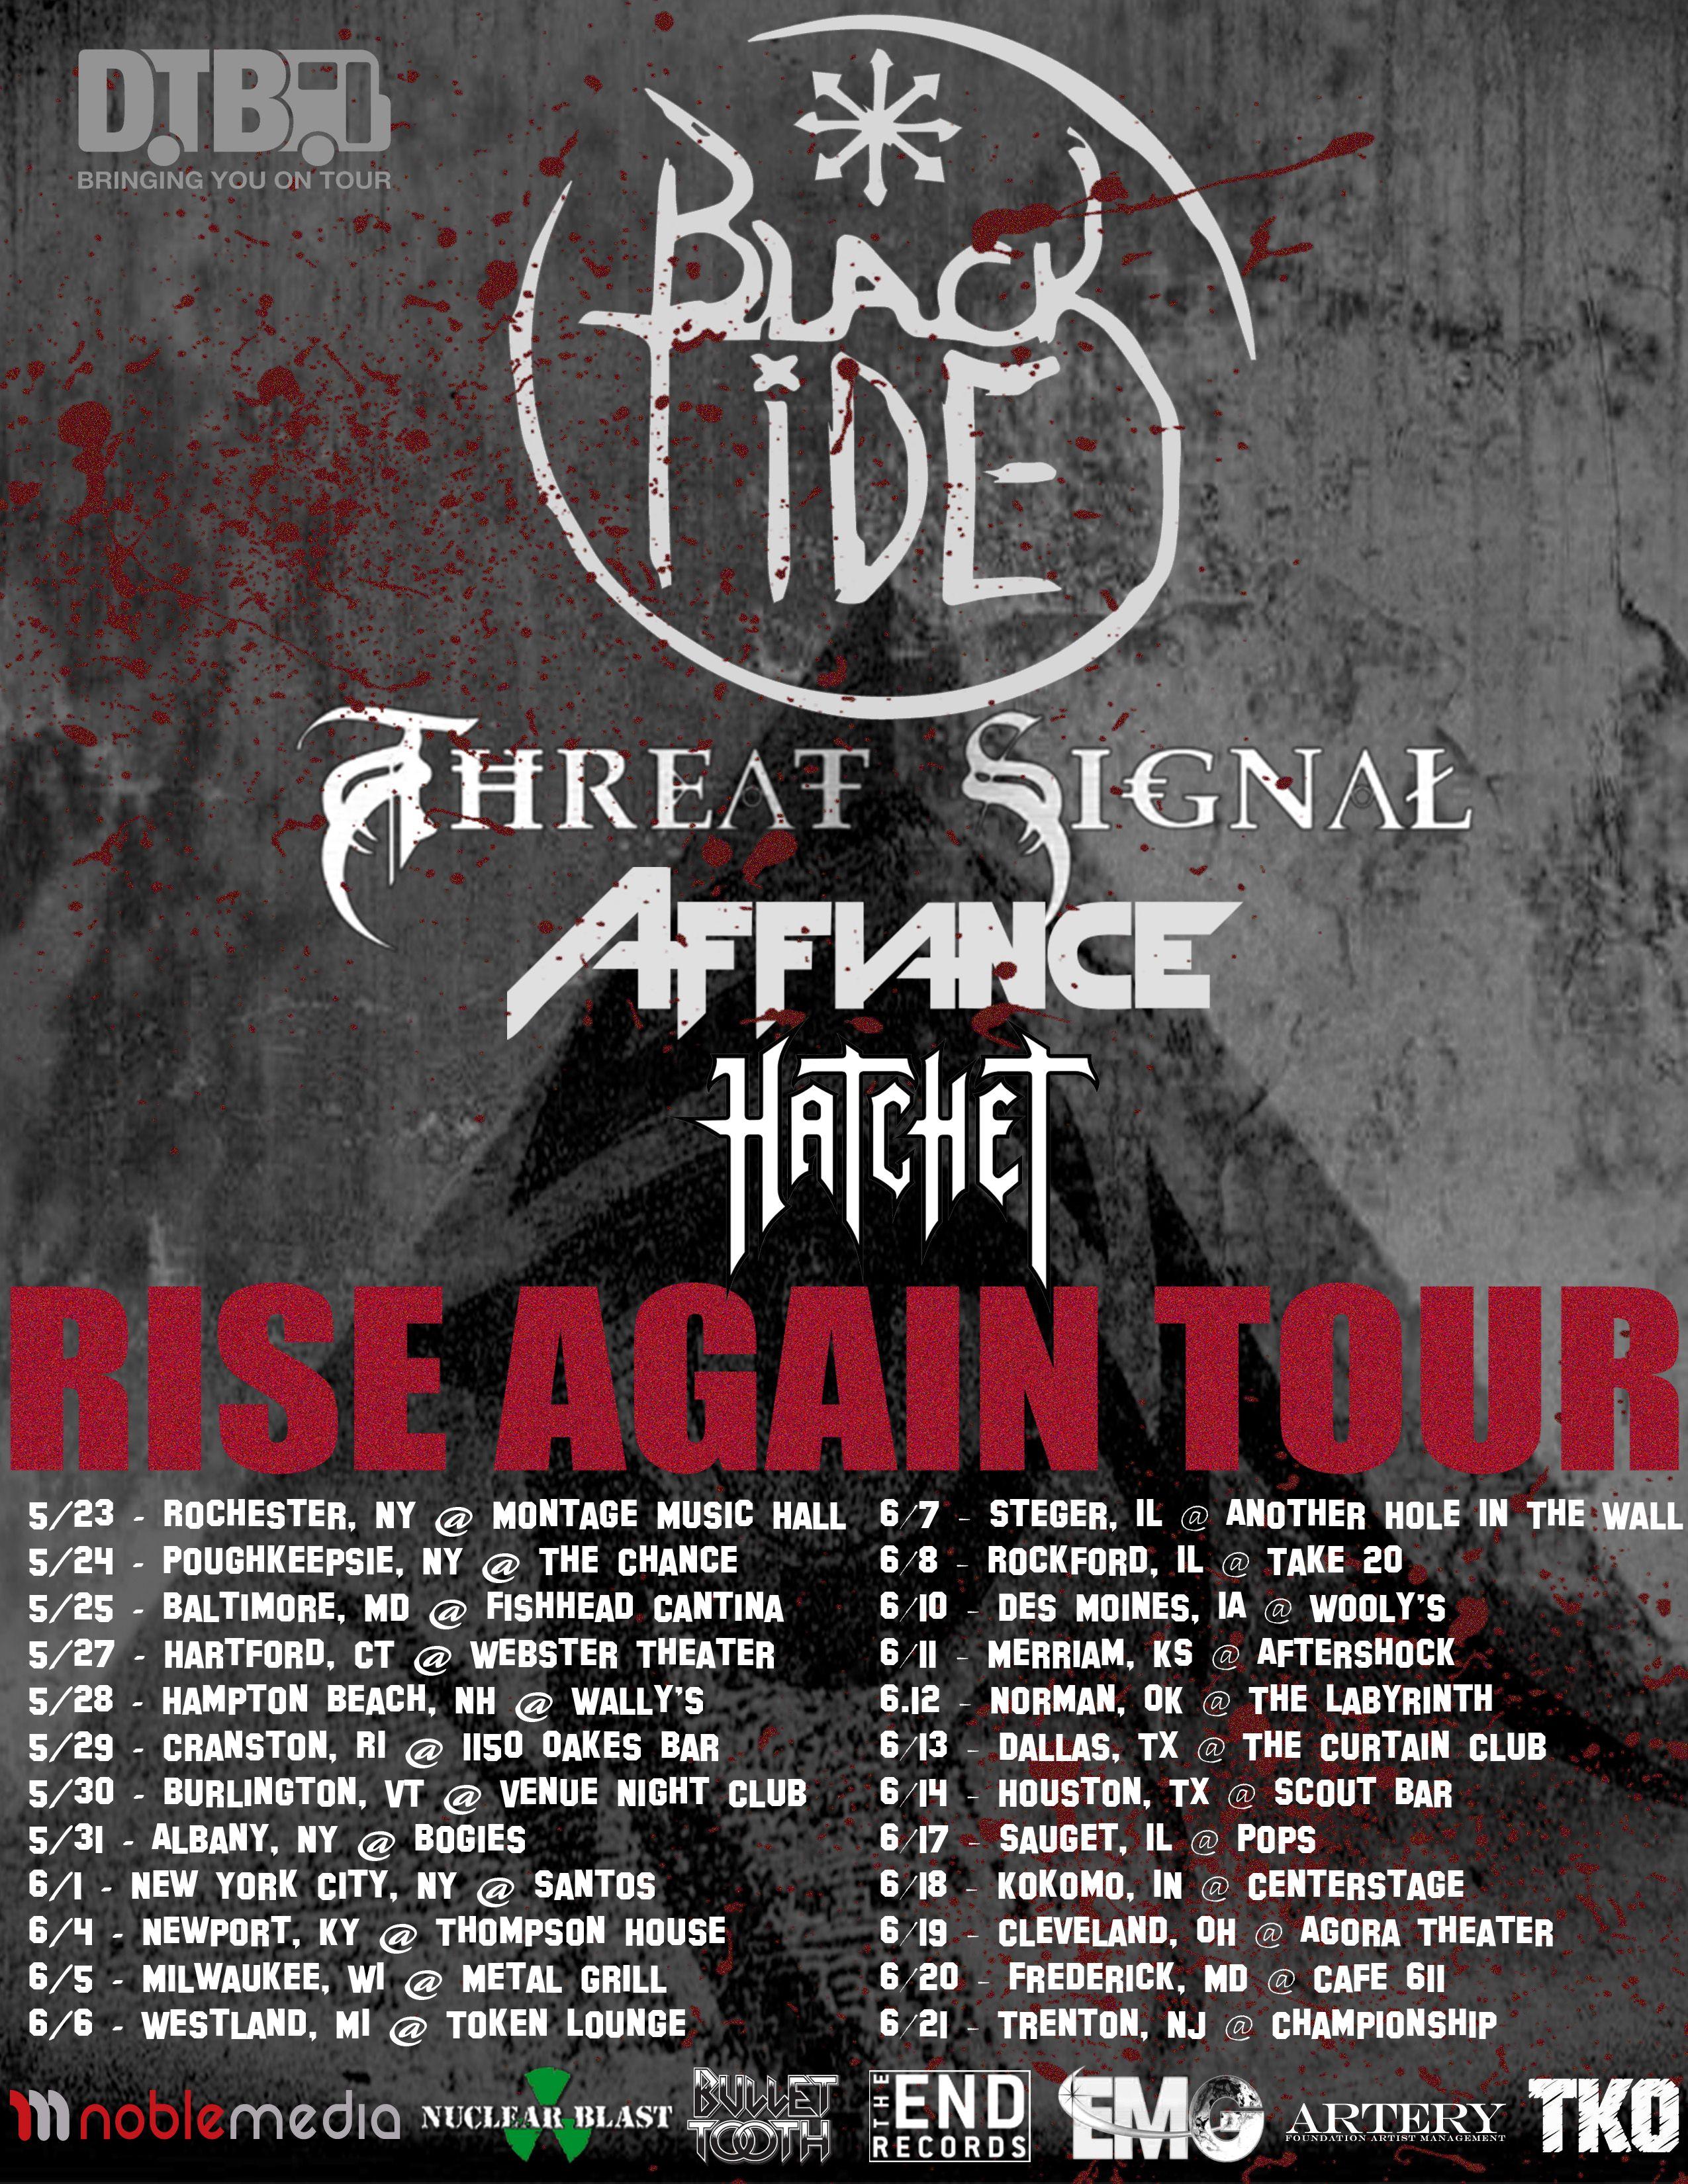 Black Tide Announces The Rise Again Tour Dtb Sponsored Tour Digital Tour Bus Tours Tour Posters Tide